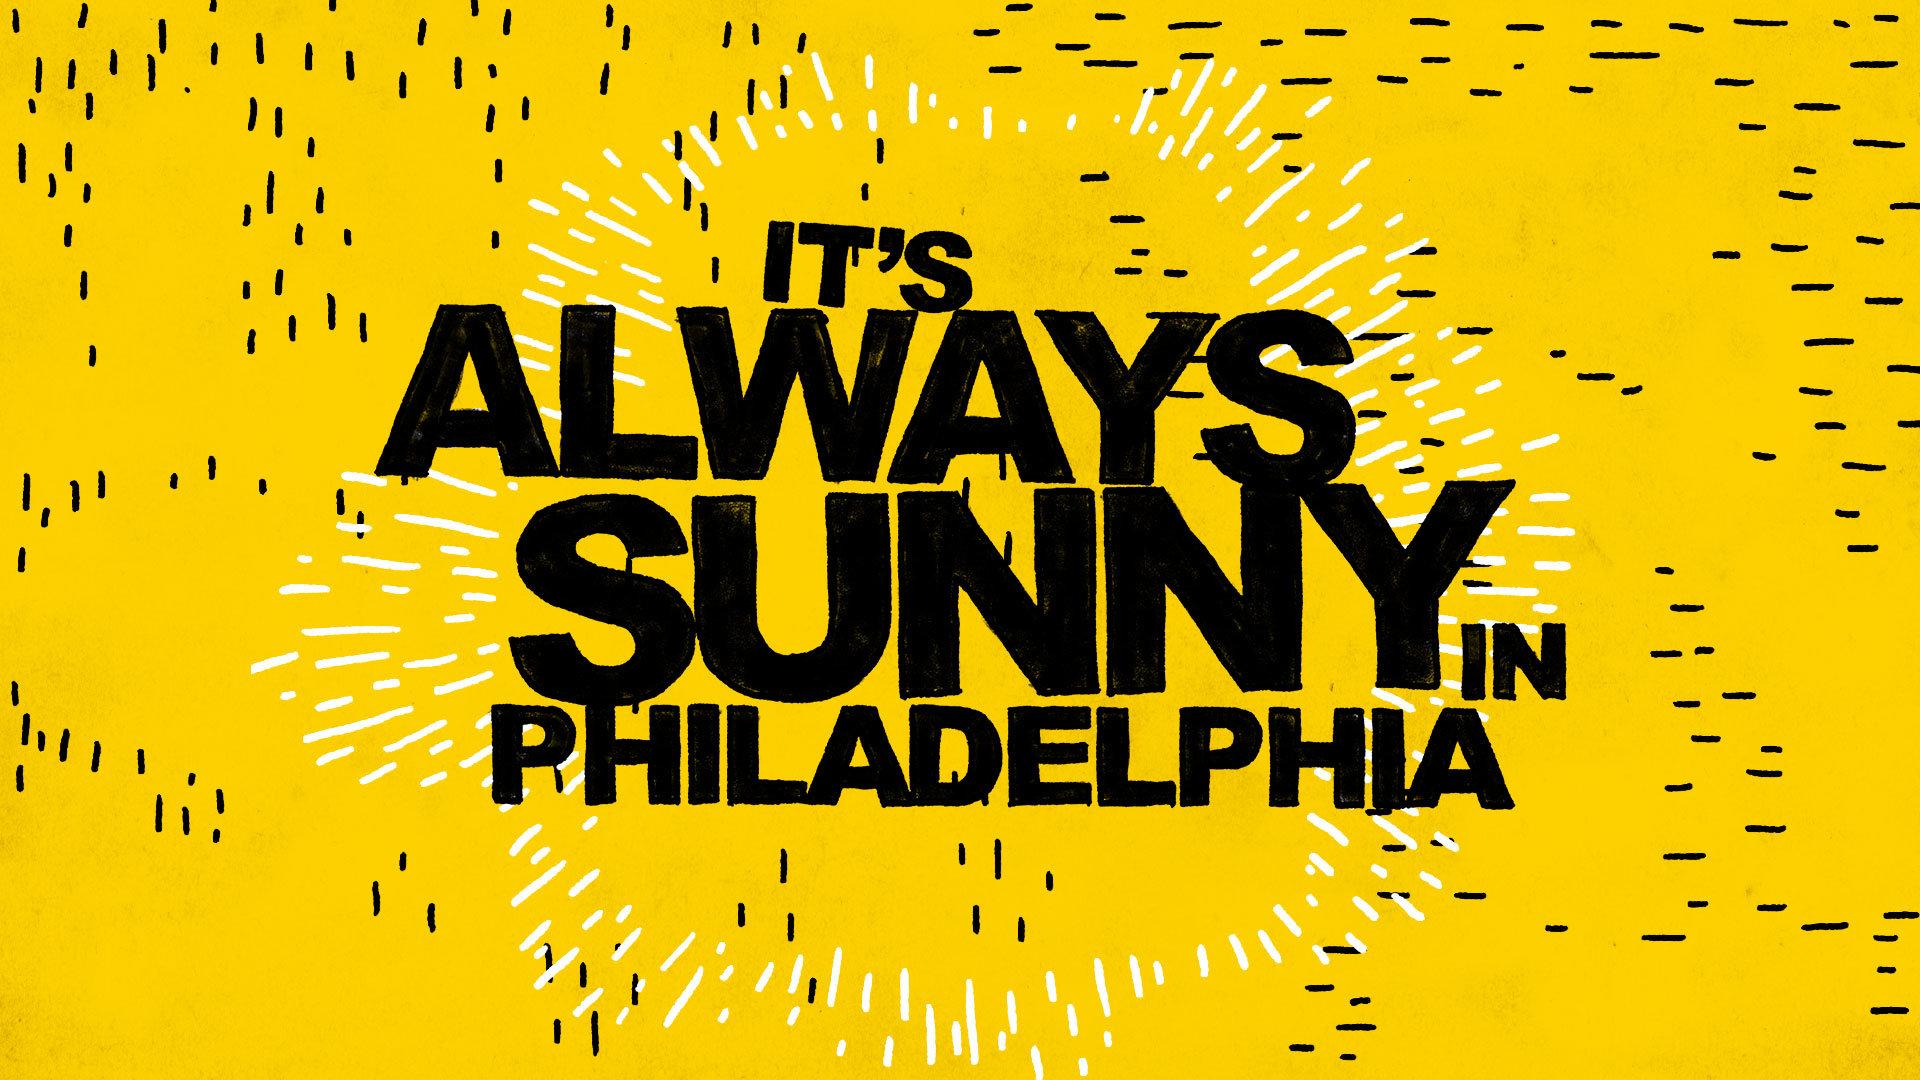 It S Always Sunny In Philadelphia Wallpapers 1920x1080 Full Hd